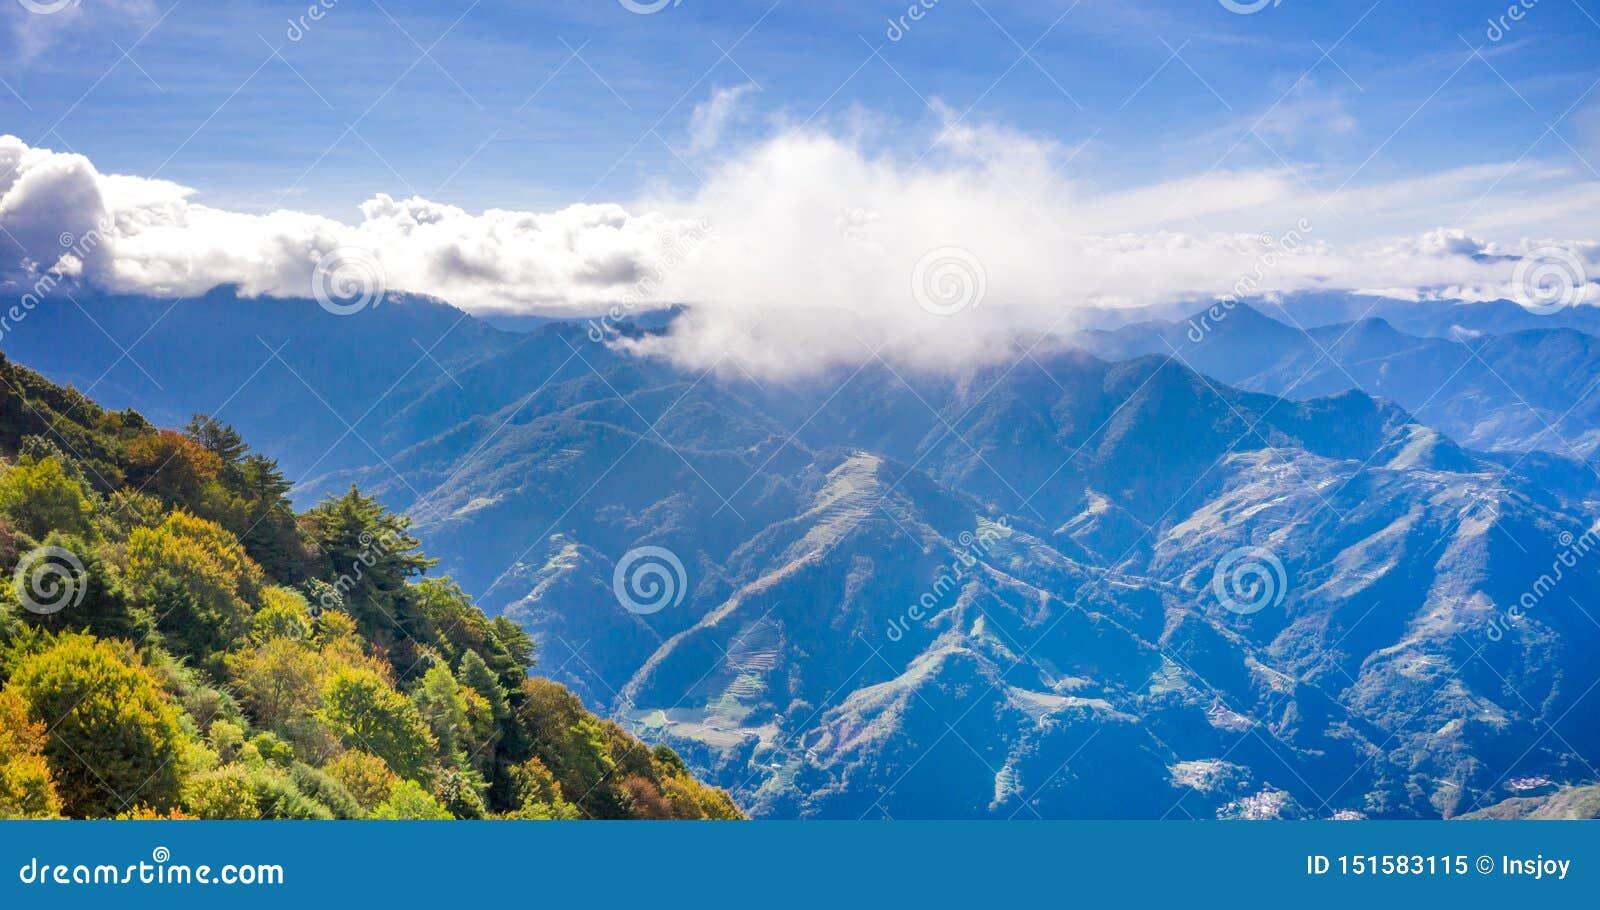 Latający truteń w kierunku pięknego zadziwiającego sławnego Mt Hehuan w Tajwan nad szczyt, widoku z lotu ptaka strzał